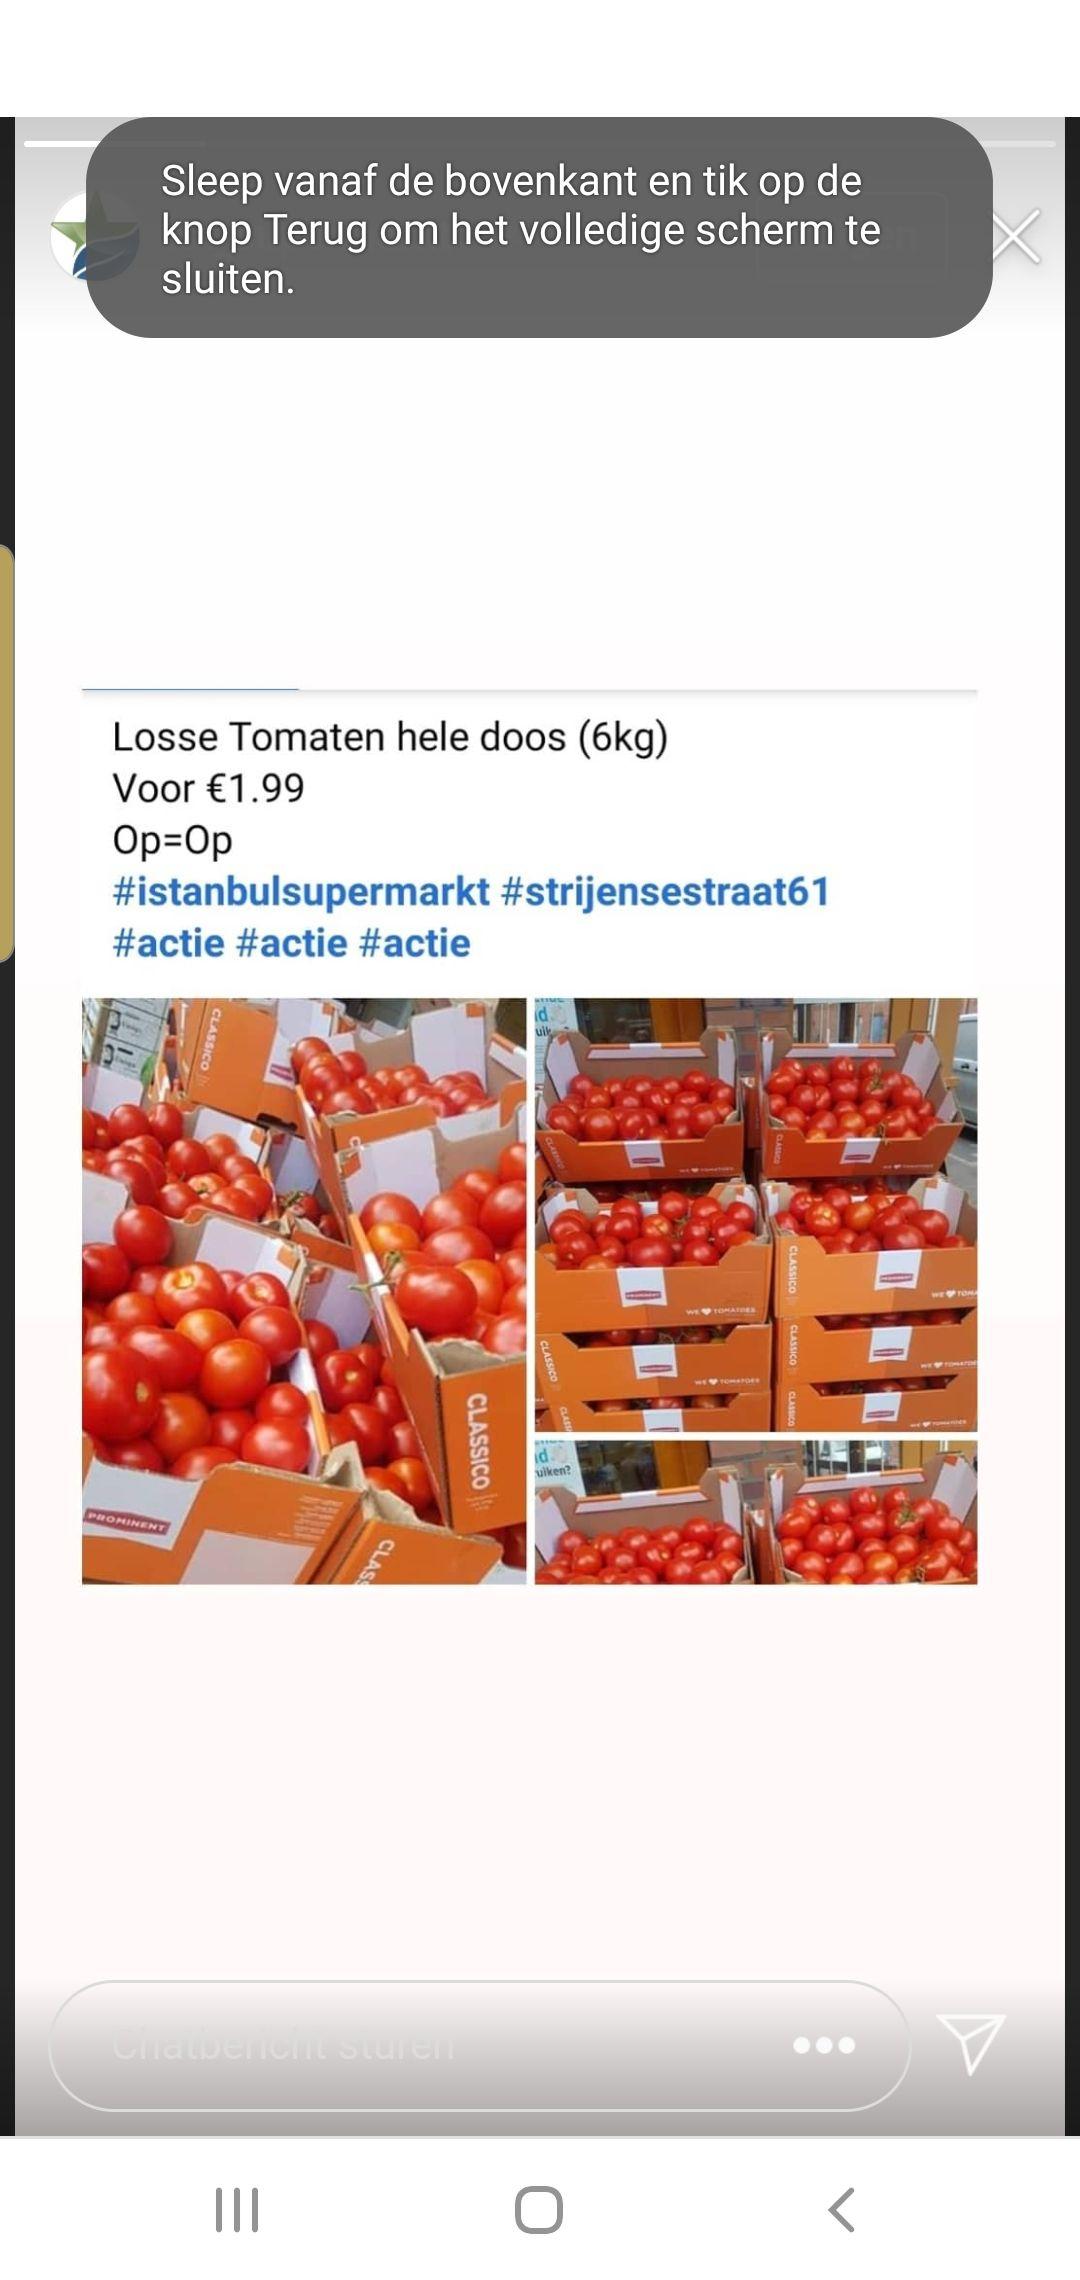 Lokaal rotterdam istanbul supermarkt 6 kilo tomaten 1.99